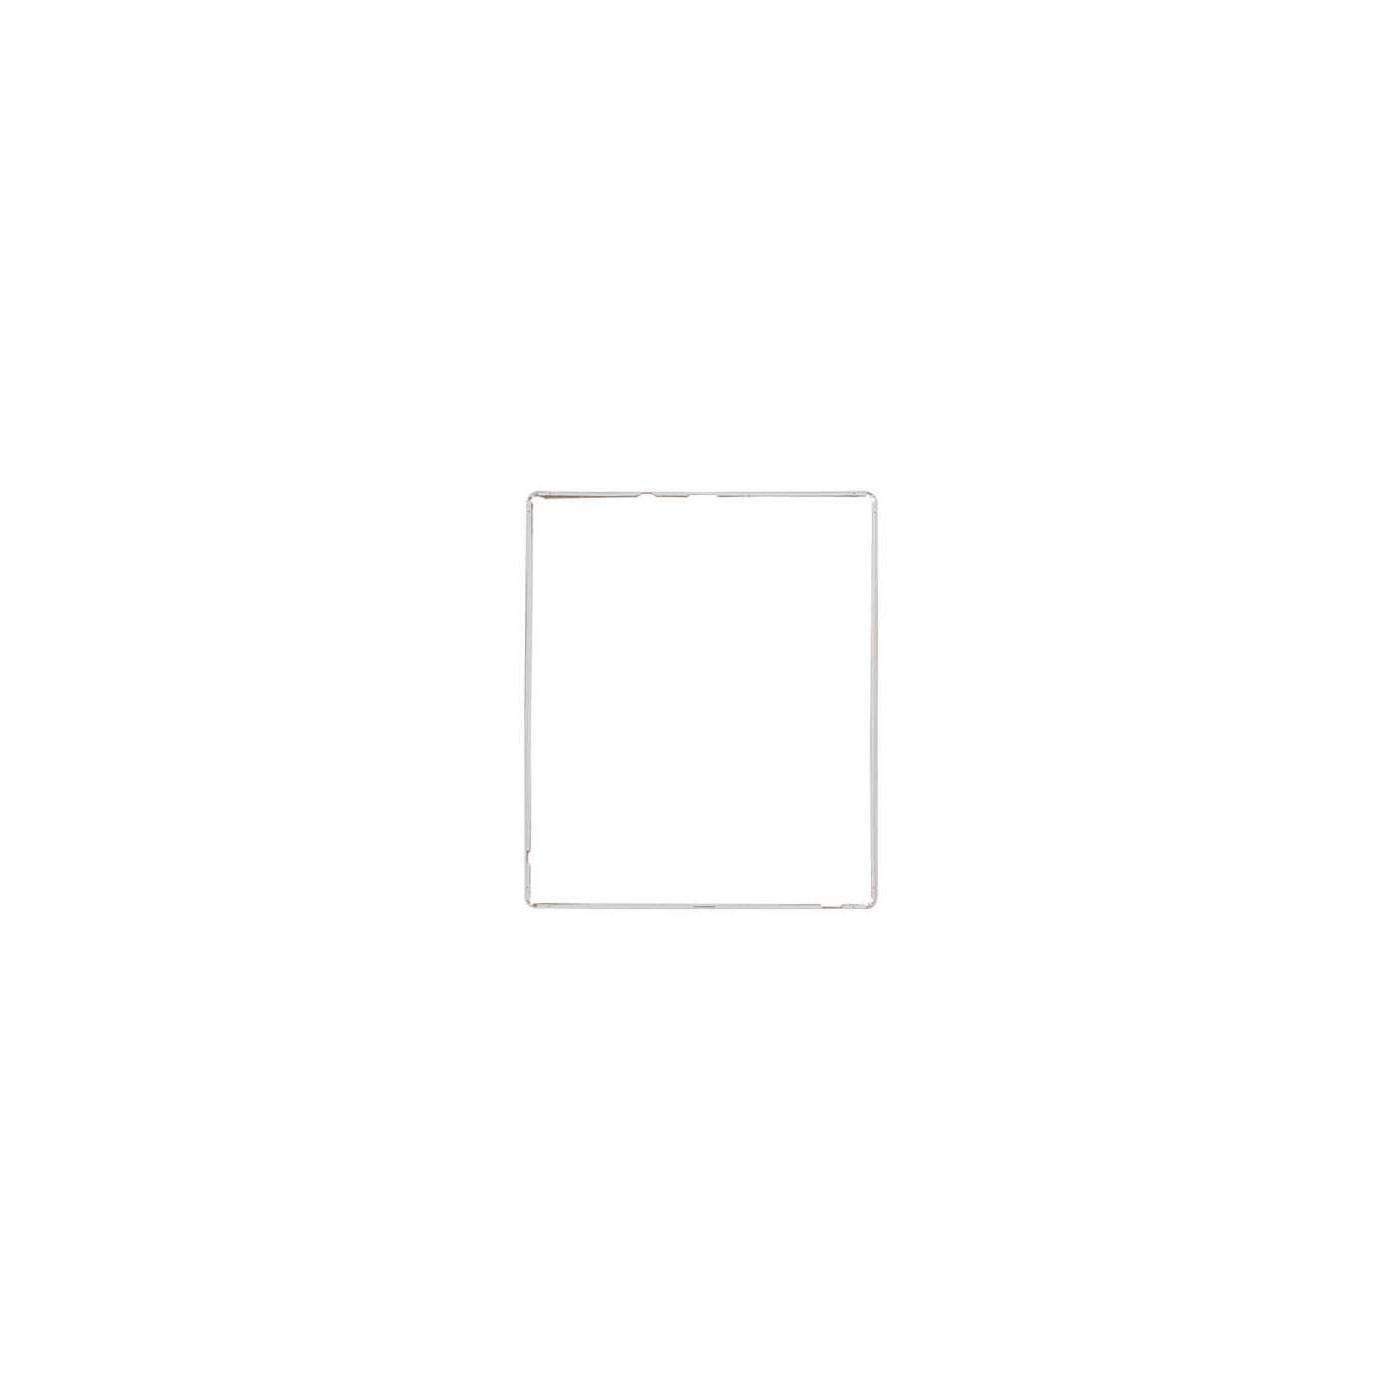 Cadre photo numérique pour ipad 2/3/4 blanc avec adhésif